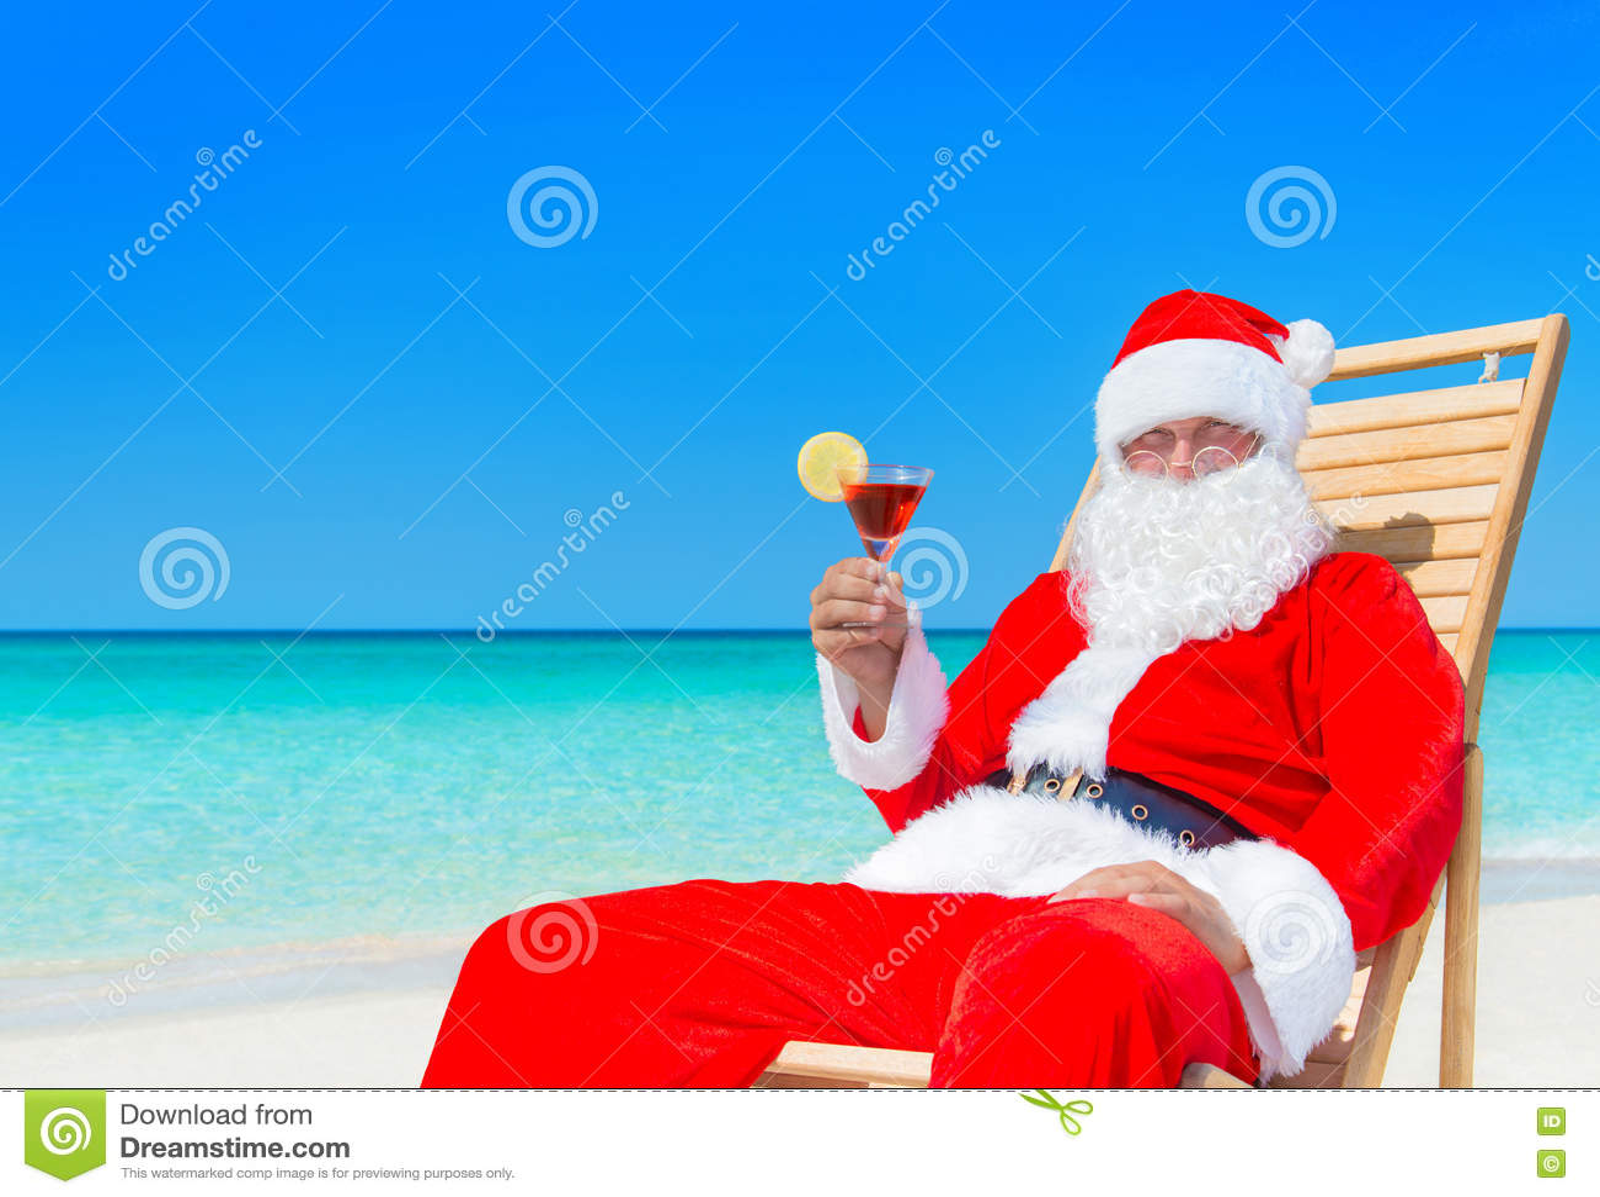 Tropical Le À Claus Noël Santa Avec Cocktail Longue Chaise La Sur edBoxC